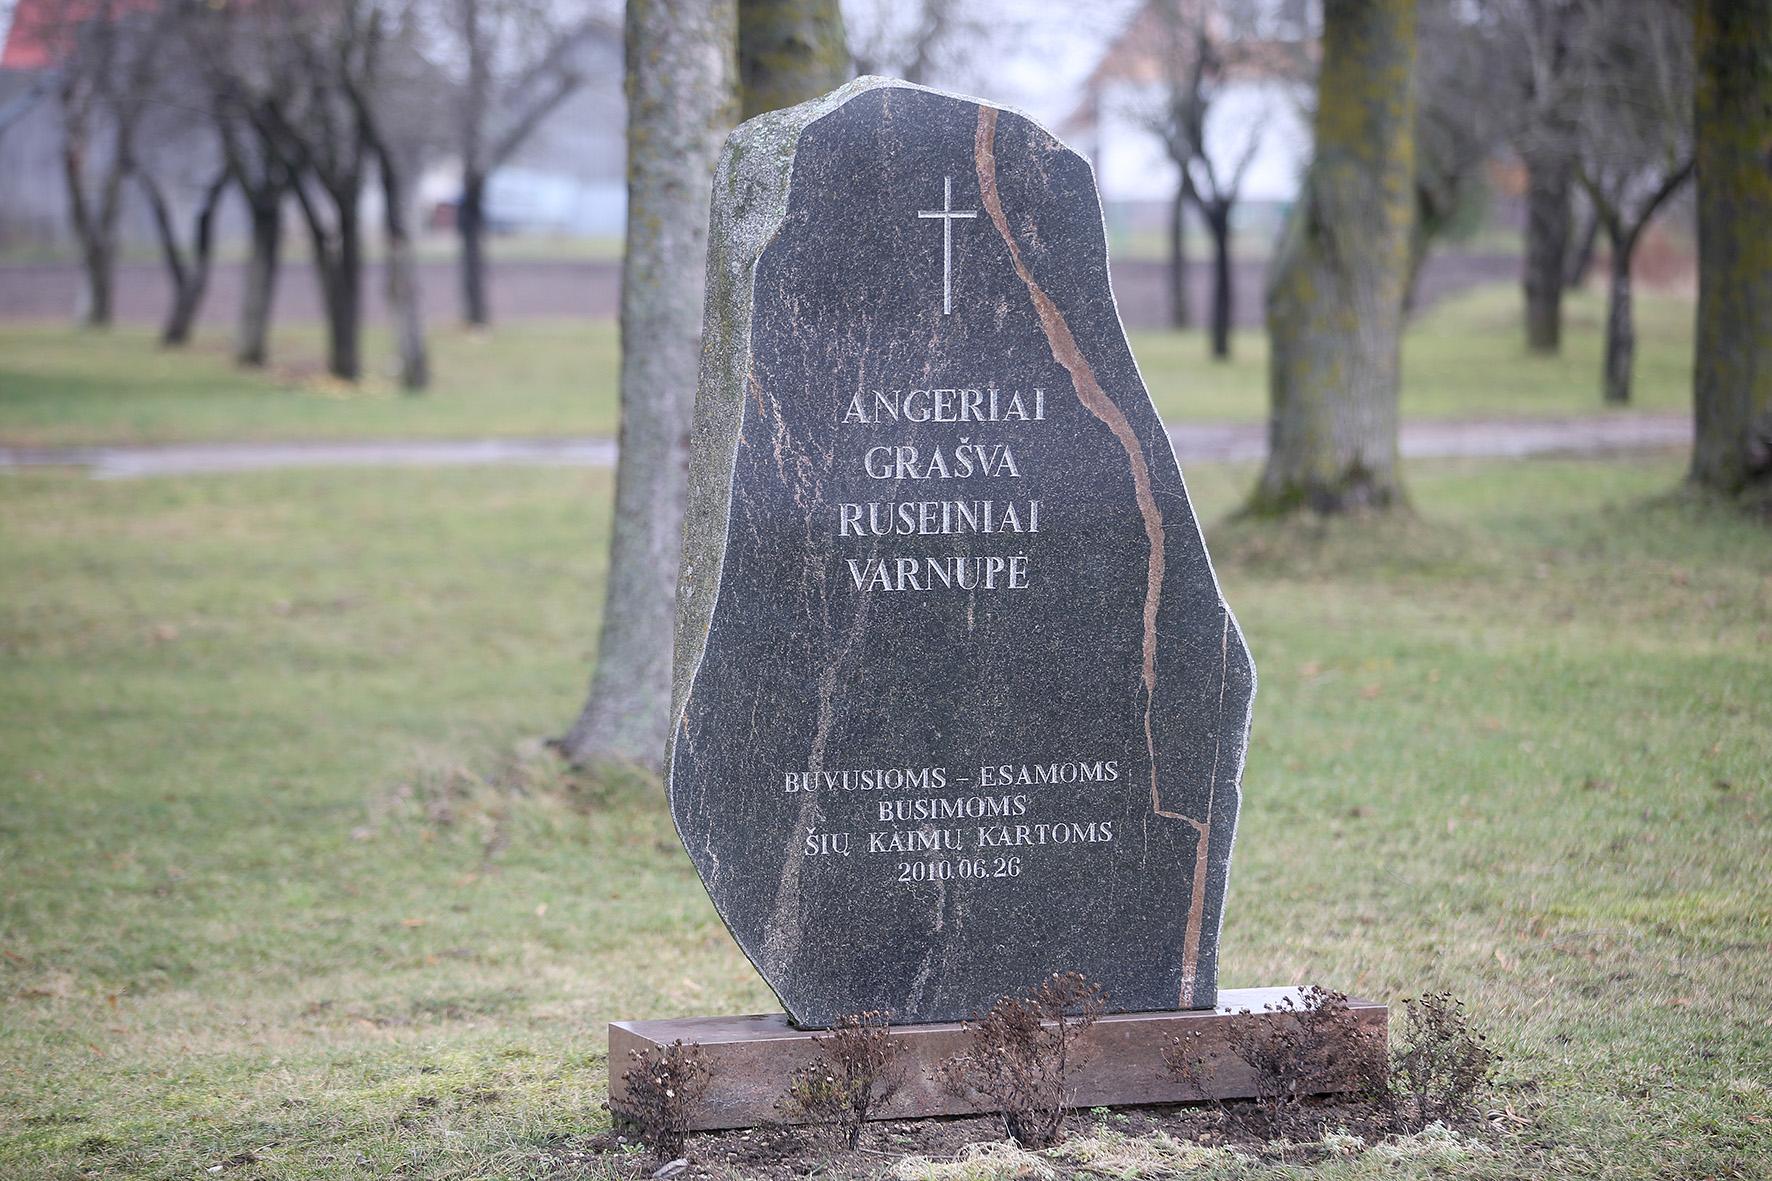 """Paminklinis akmuo Angirių, Grašvos, Ruseinių ir Varnupės kaimų atnaujinimui. / Algimanto Barzdžiaus/ """"Rinkos aikštės"""" archyvo nuotr."""